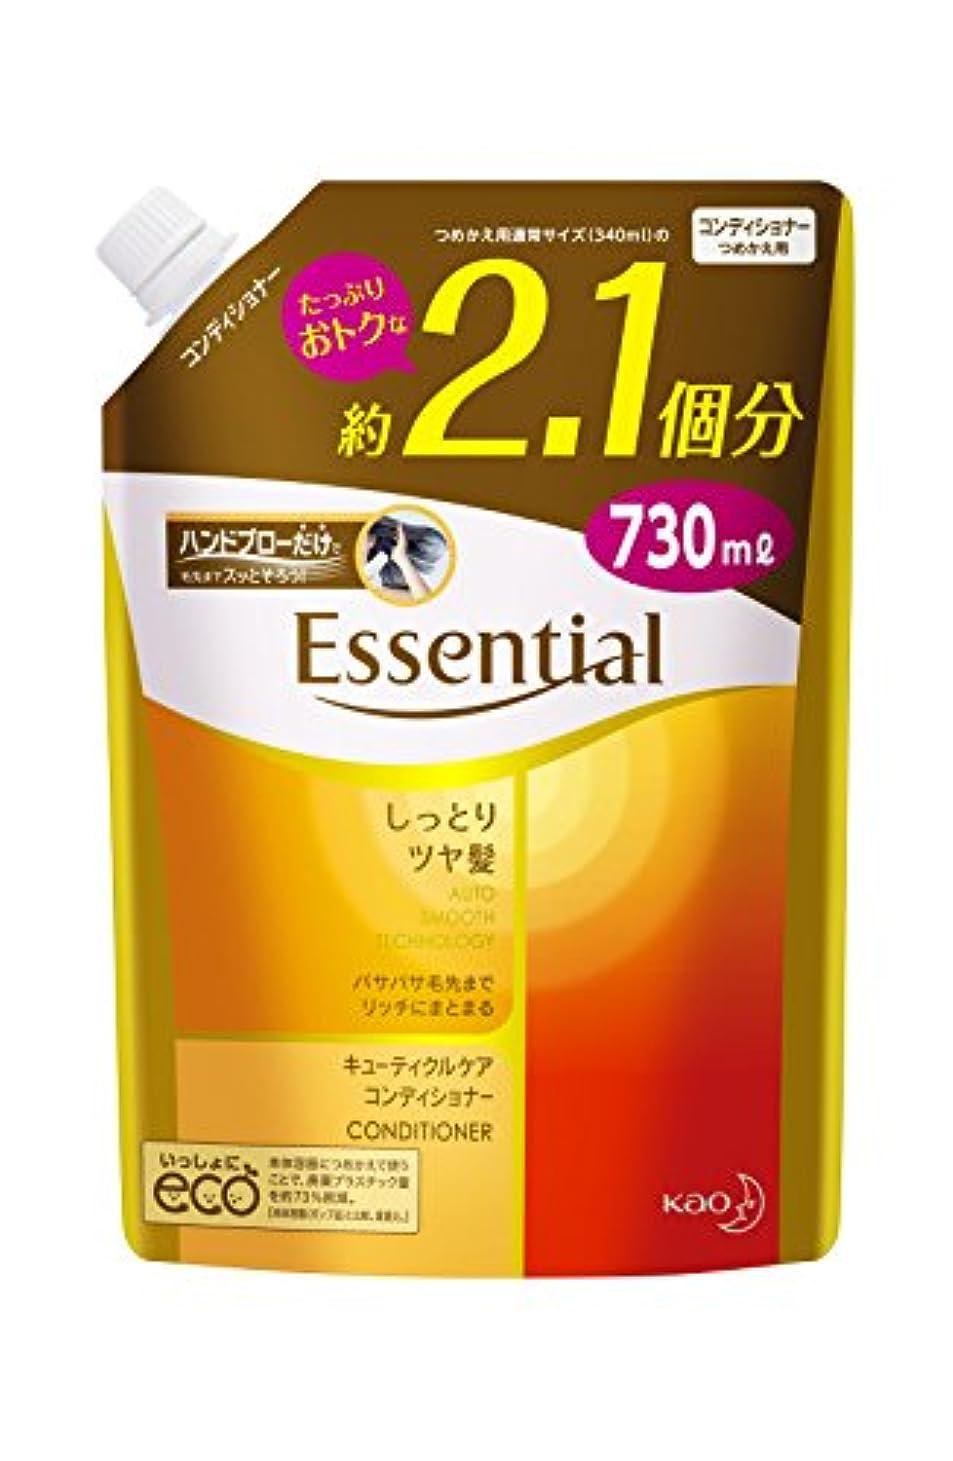 ツーリスト記念品弾丸【大容量】エッセンシャル しっとりツヤ髪コンディショナー つめかえ用 730ml(2.1個分)